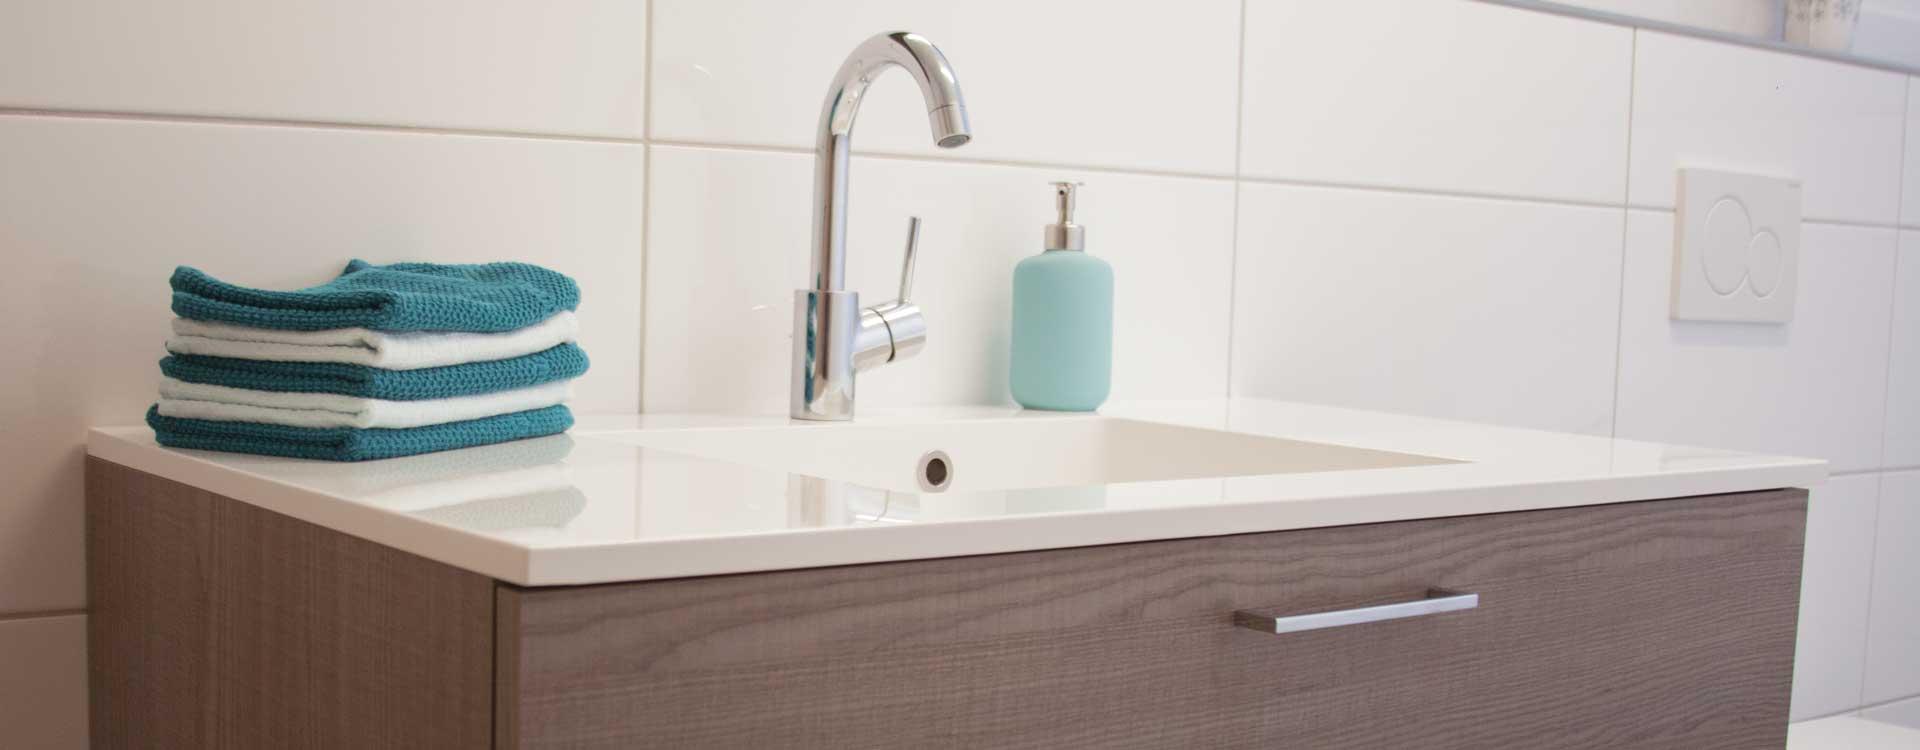 Sanitär Header - Christner Haustechnik GmbH